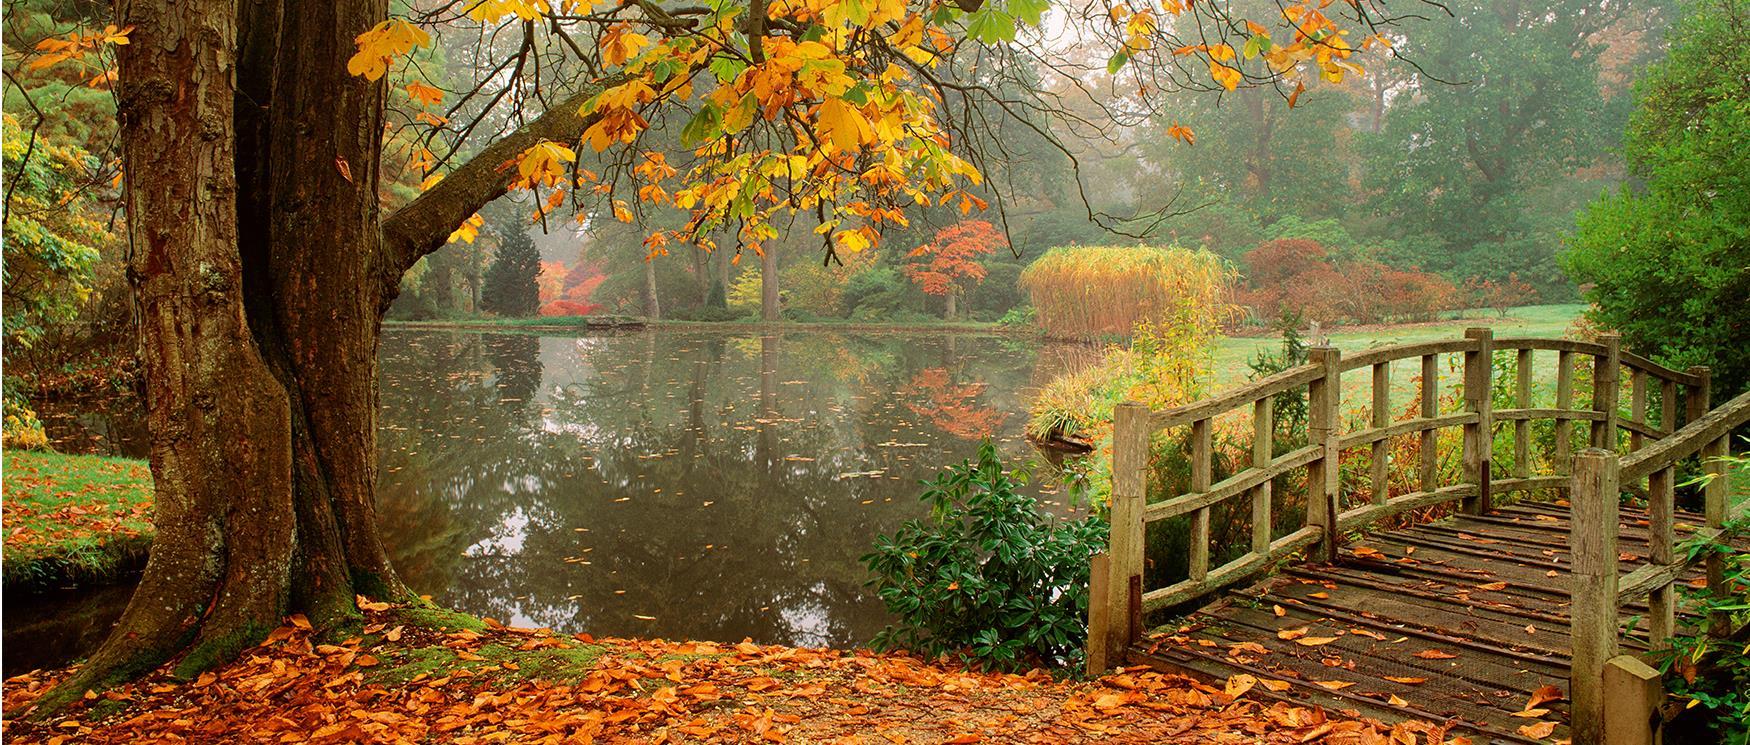 Hình ảnh mùa thu lá rụng đẹp